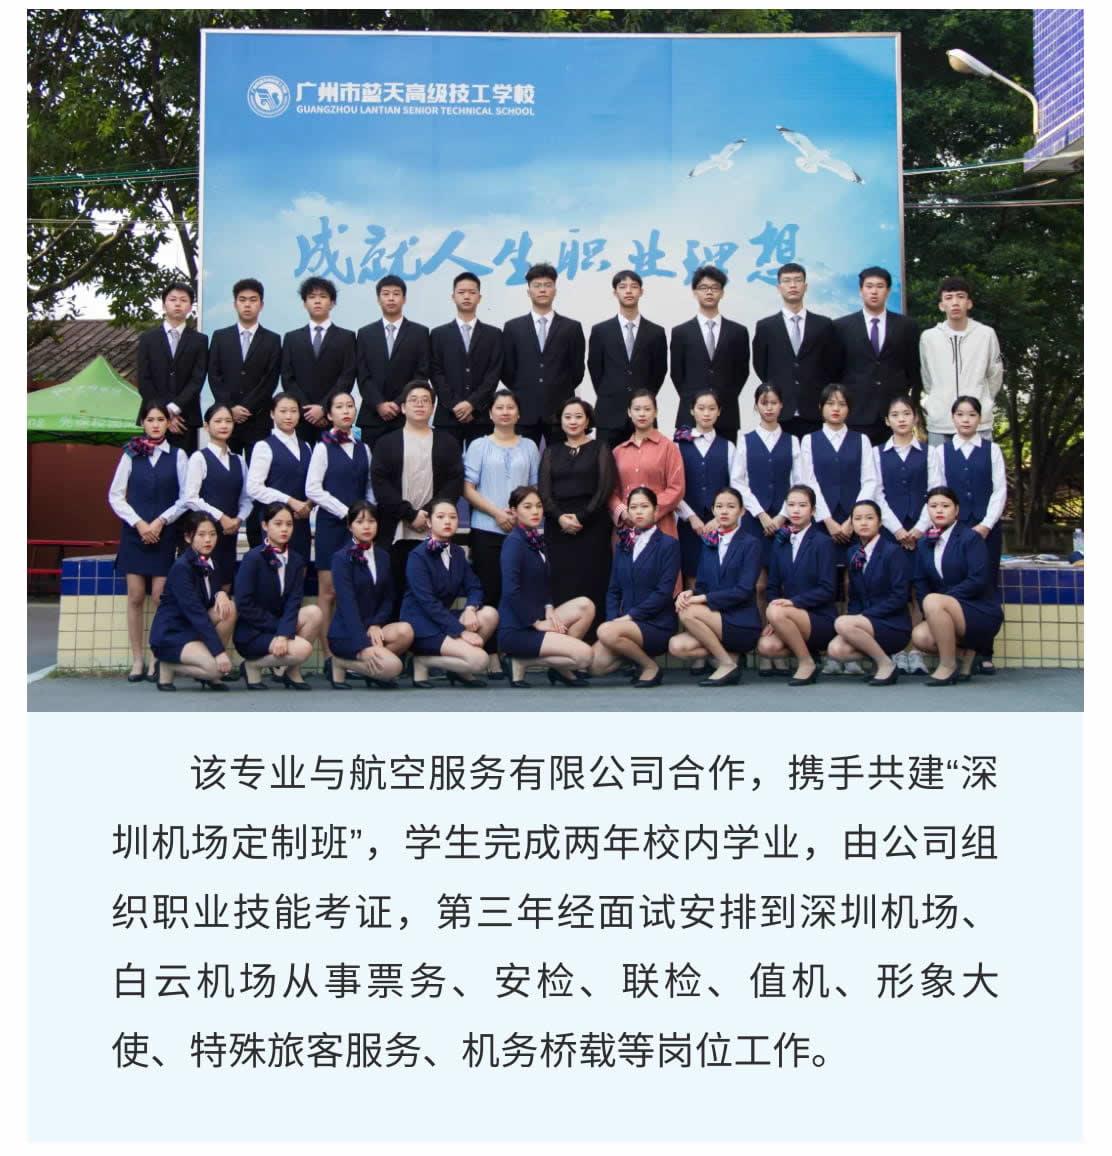 航空服务(高中起点三年制)-1_r6_c1.jpg